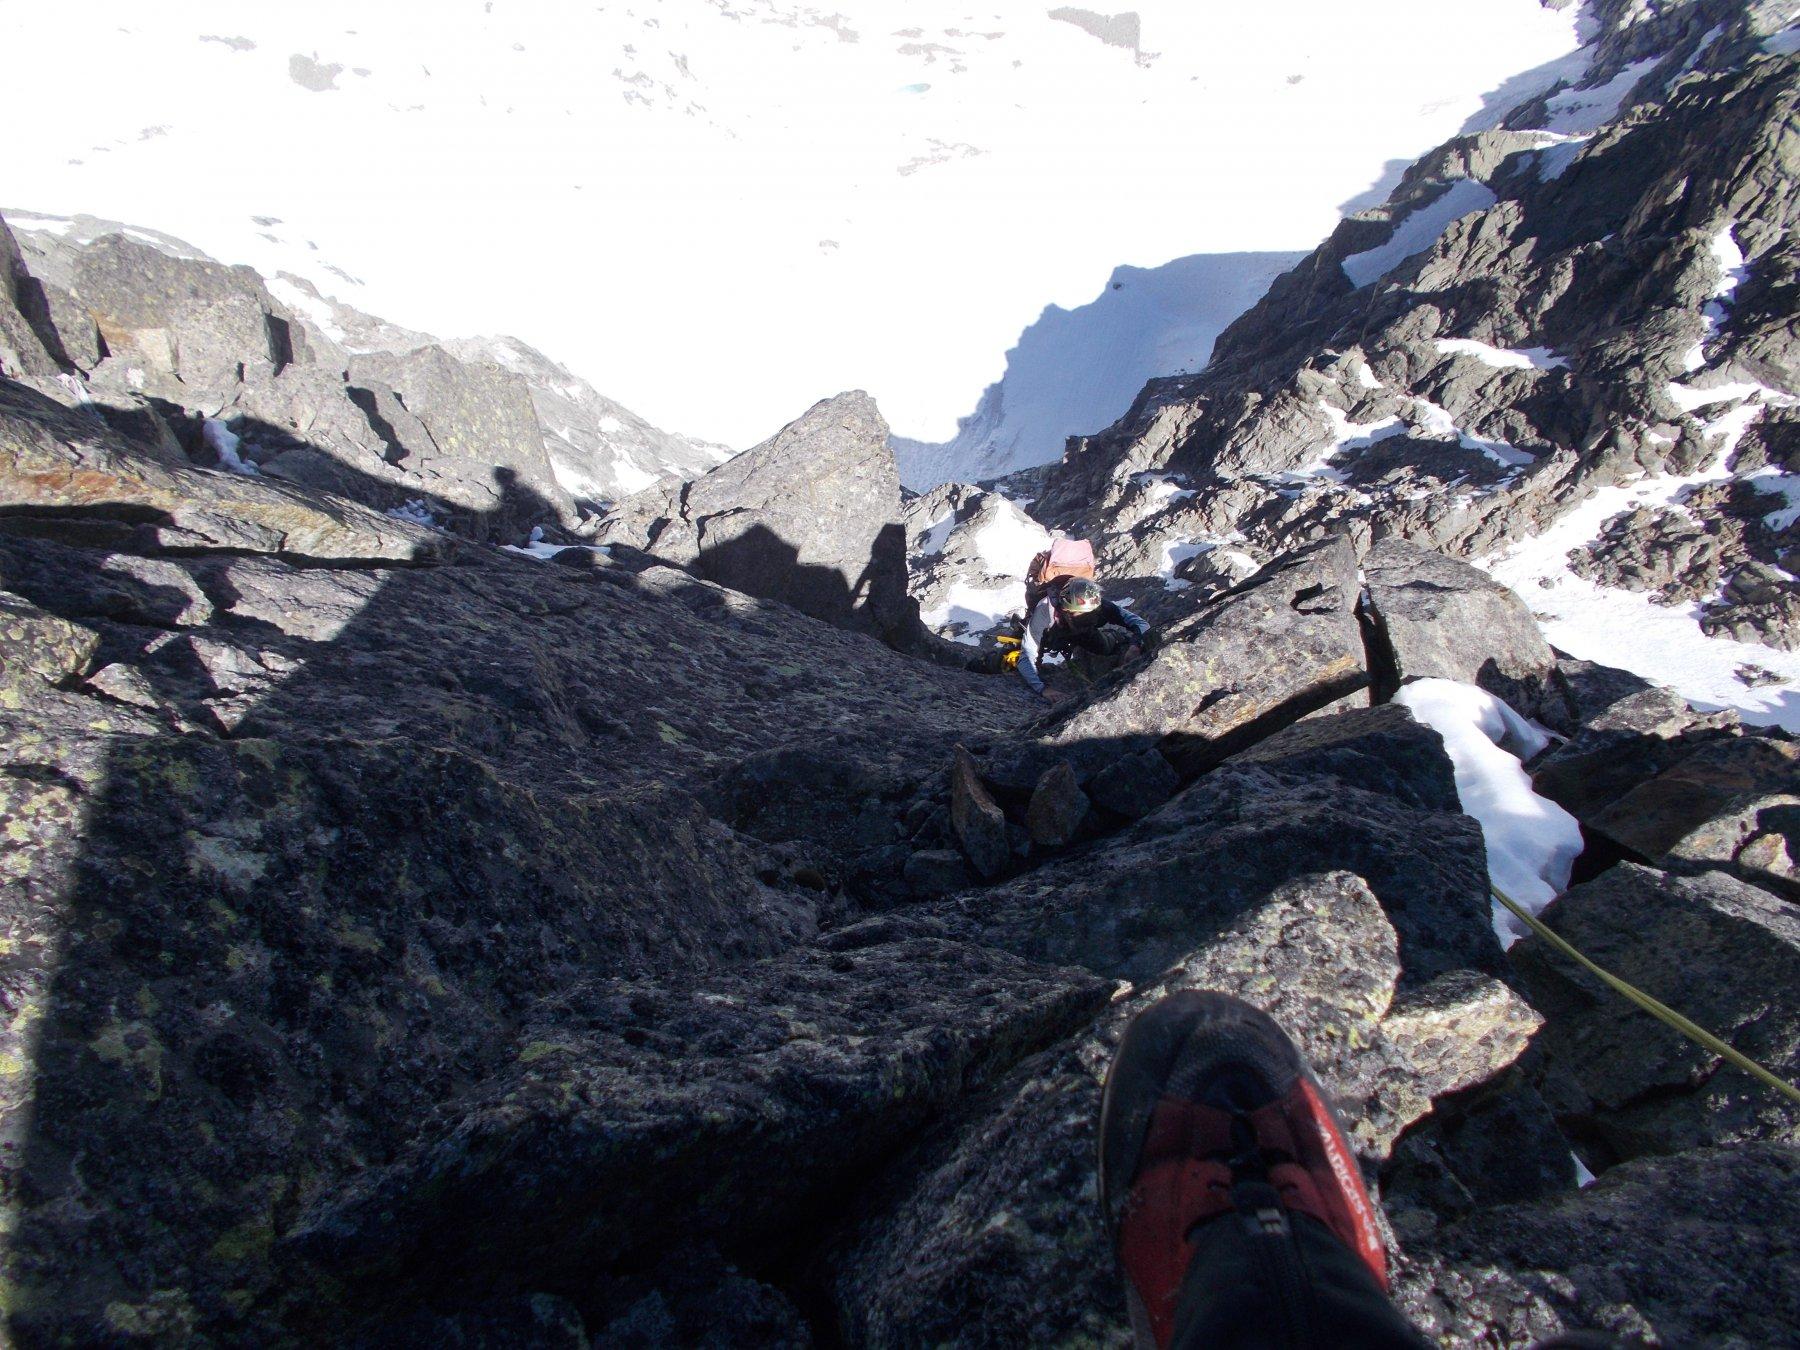 in esposta parete a recuperare la cresta a un passo dalla cima..